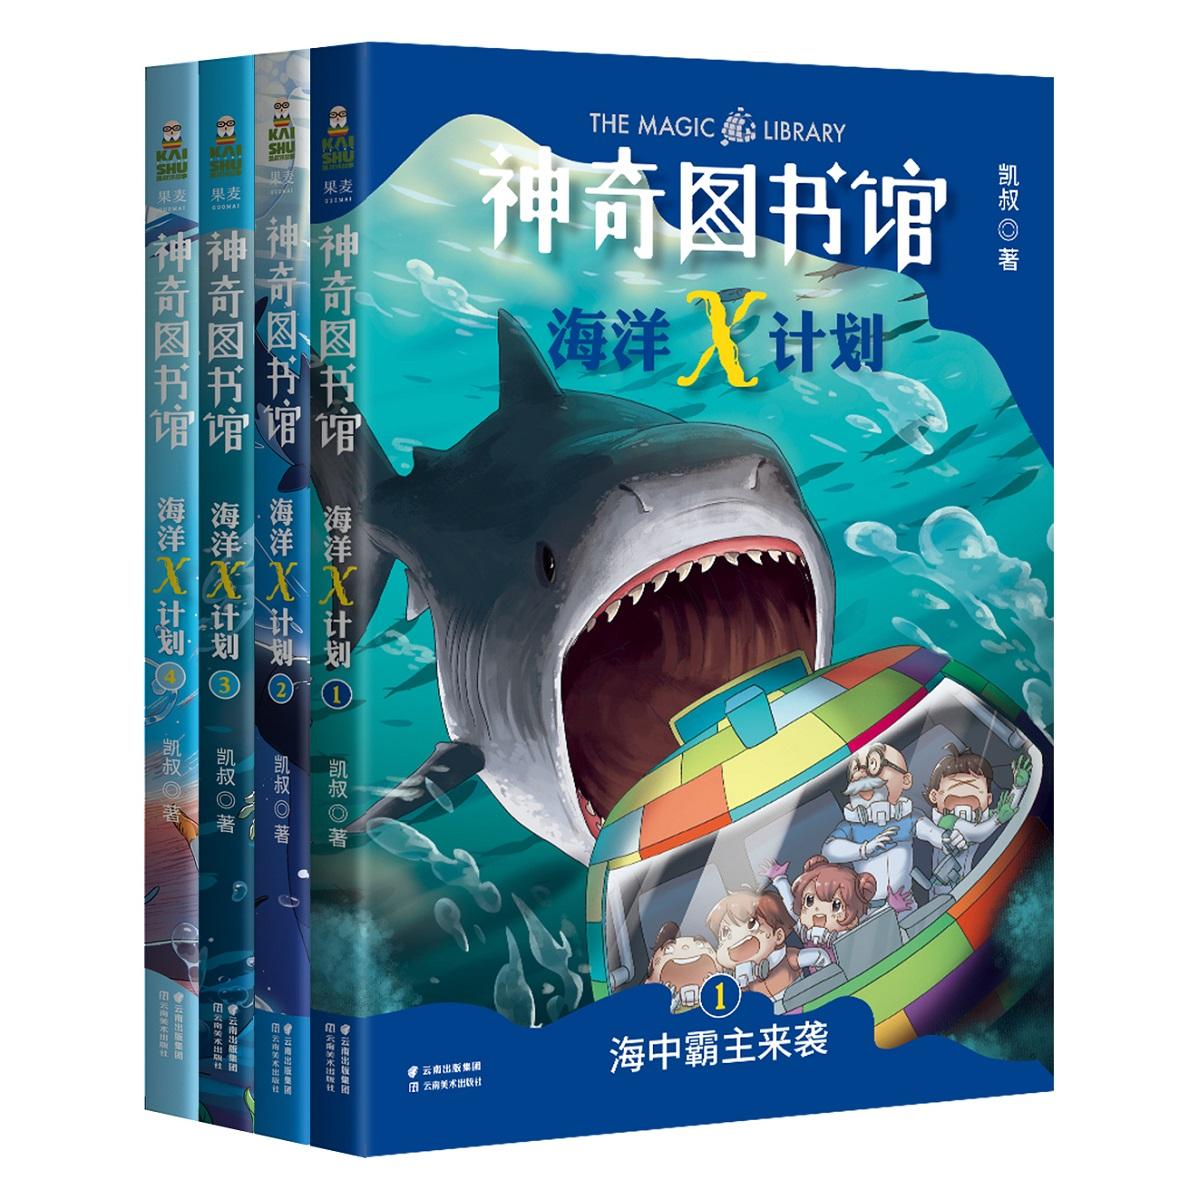 《凯叔·神奇图书馆:海洋X计划》(套装共4册)